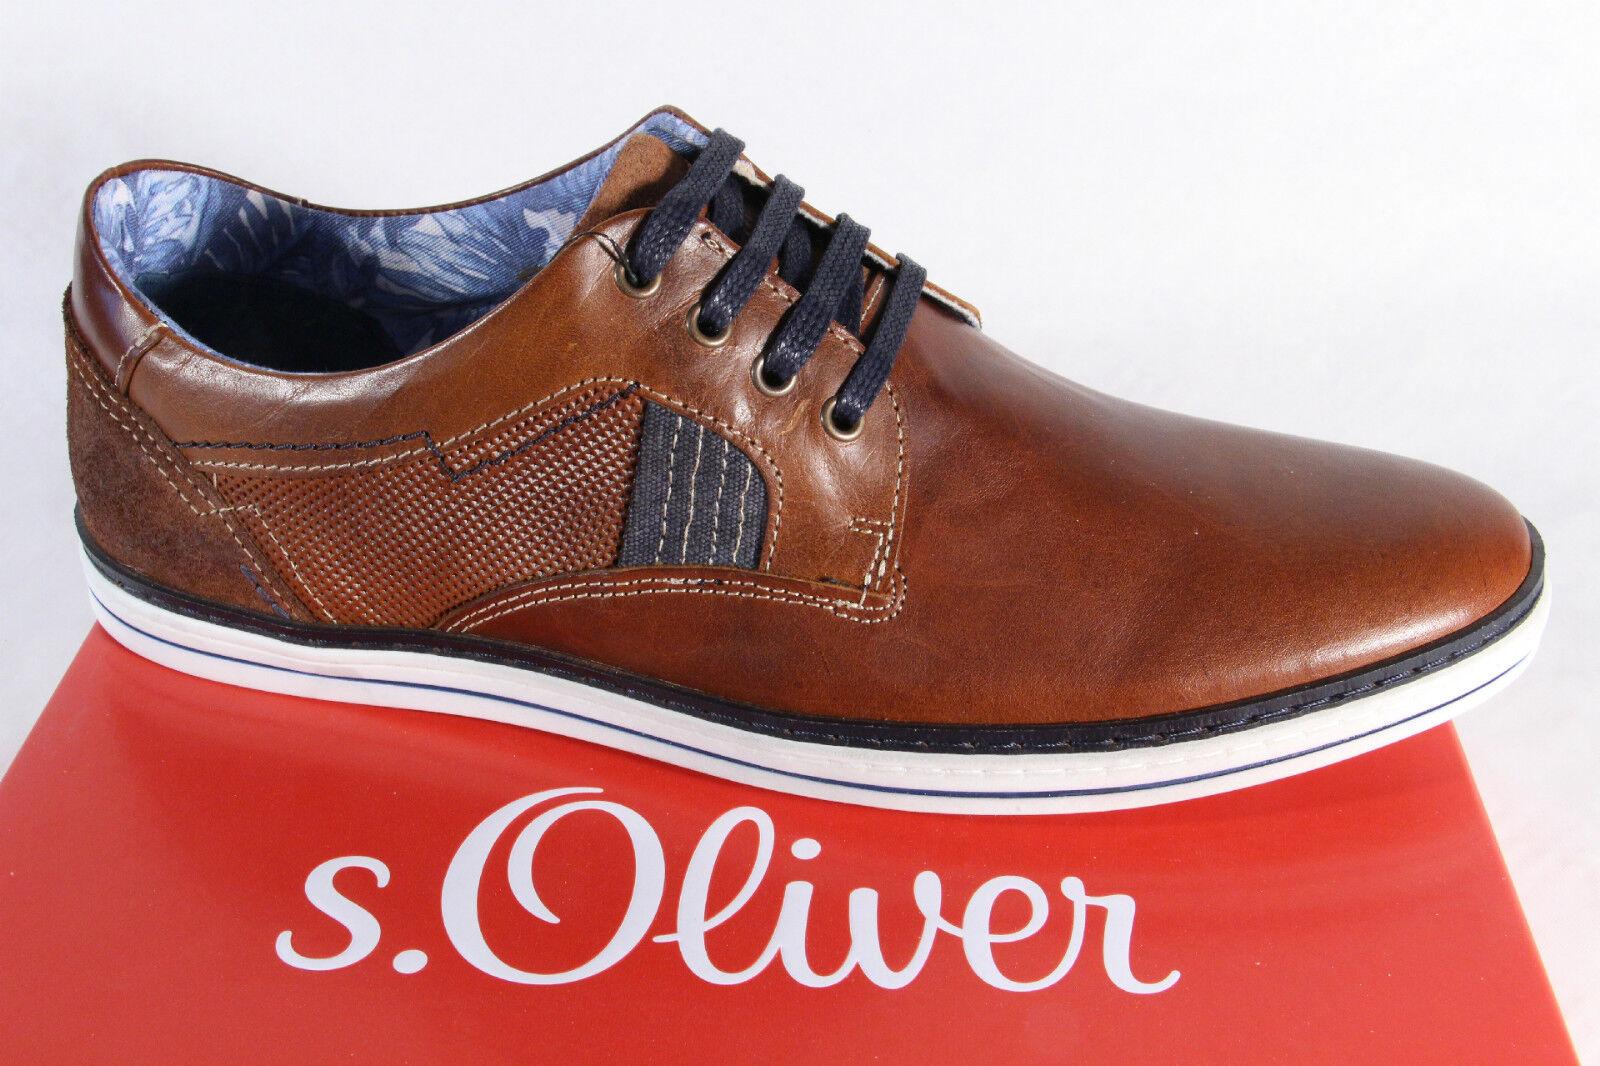 S.Oliver Herren Schnürschuh Sneaker braun, Echtleder,  Gummisohle,13201  NEU!!